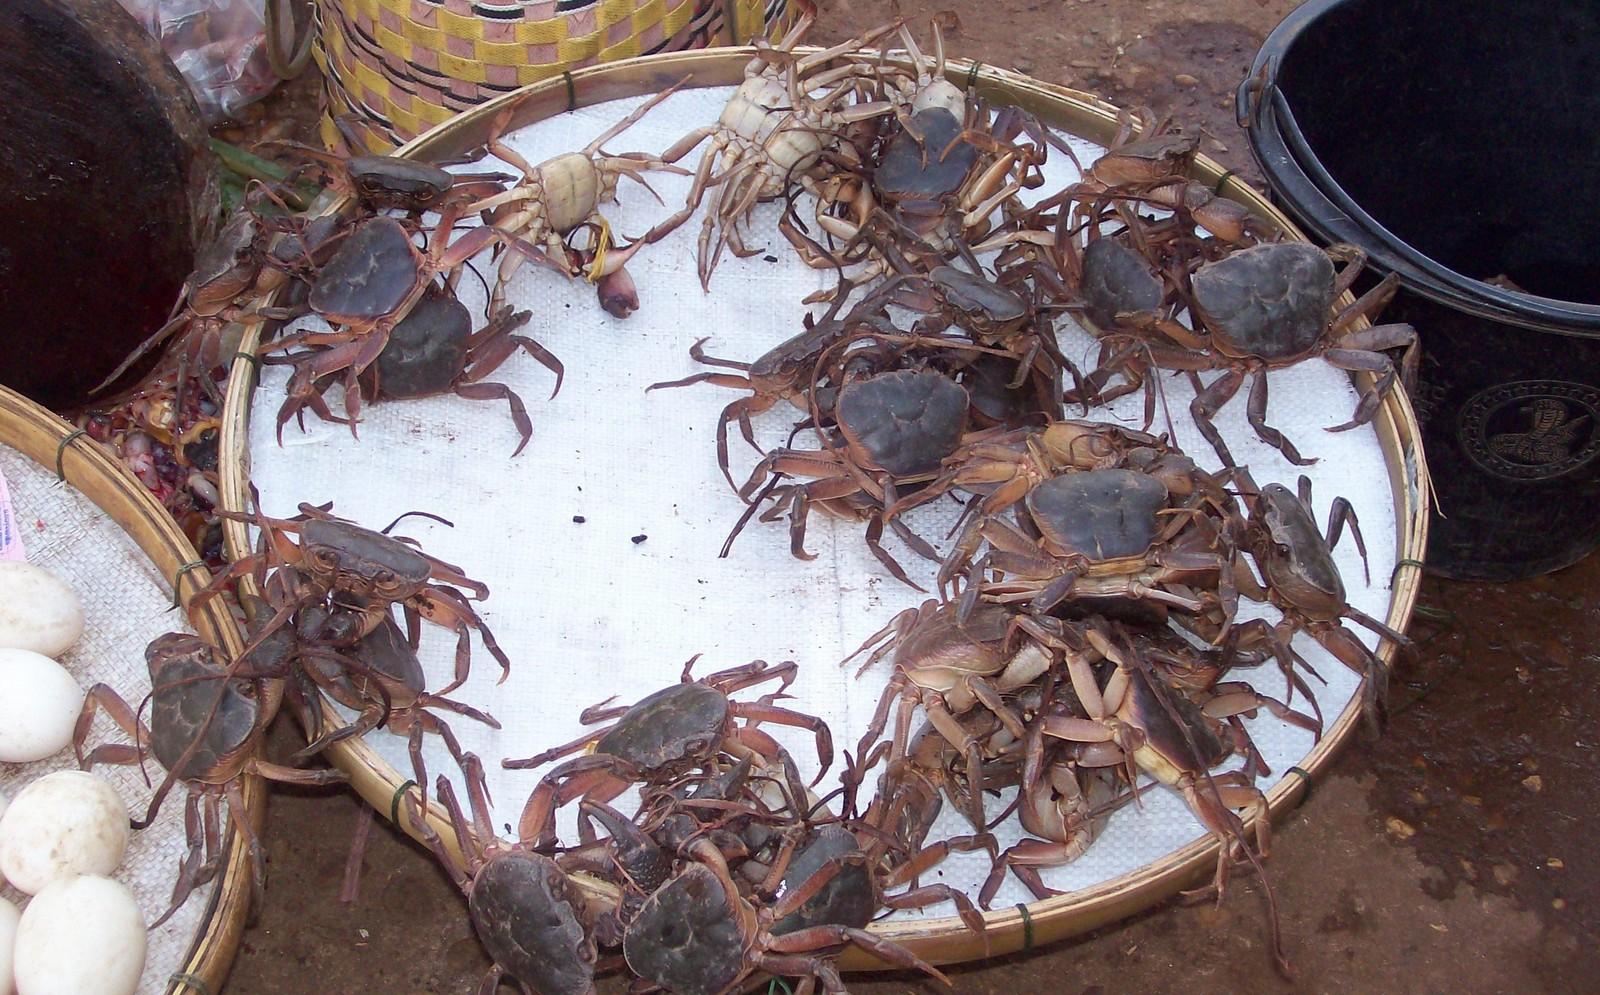 Mekong-Flusskrebse auf dem Markt von Pakse - Laos